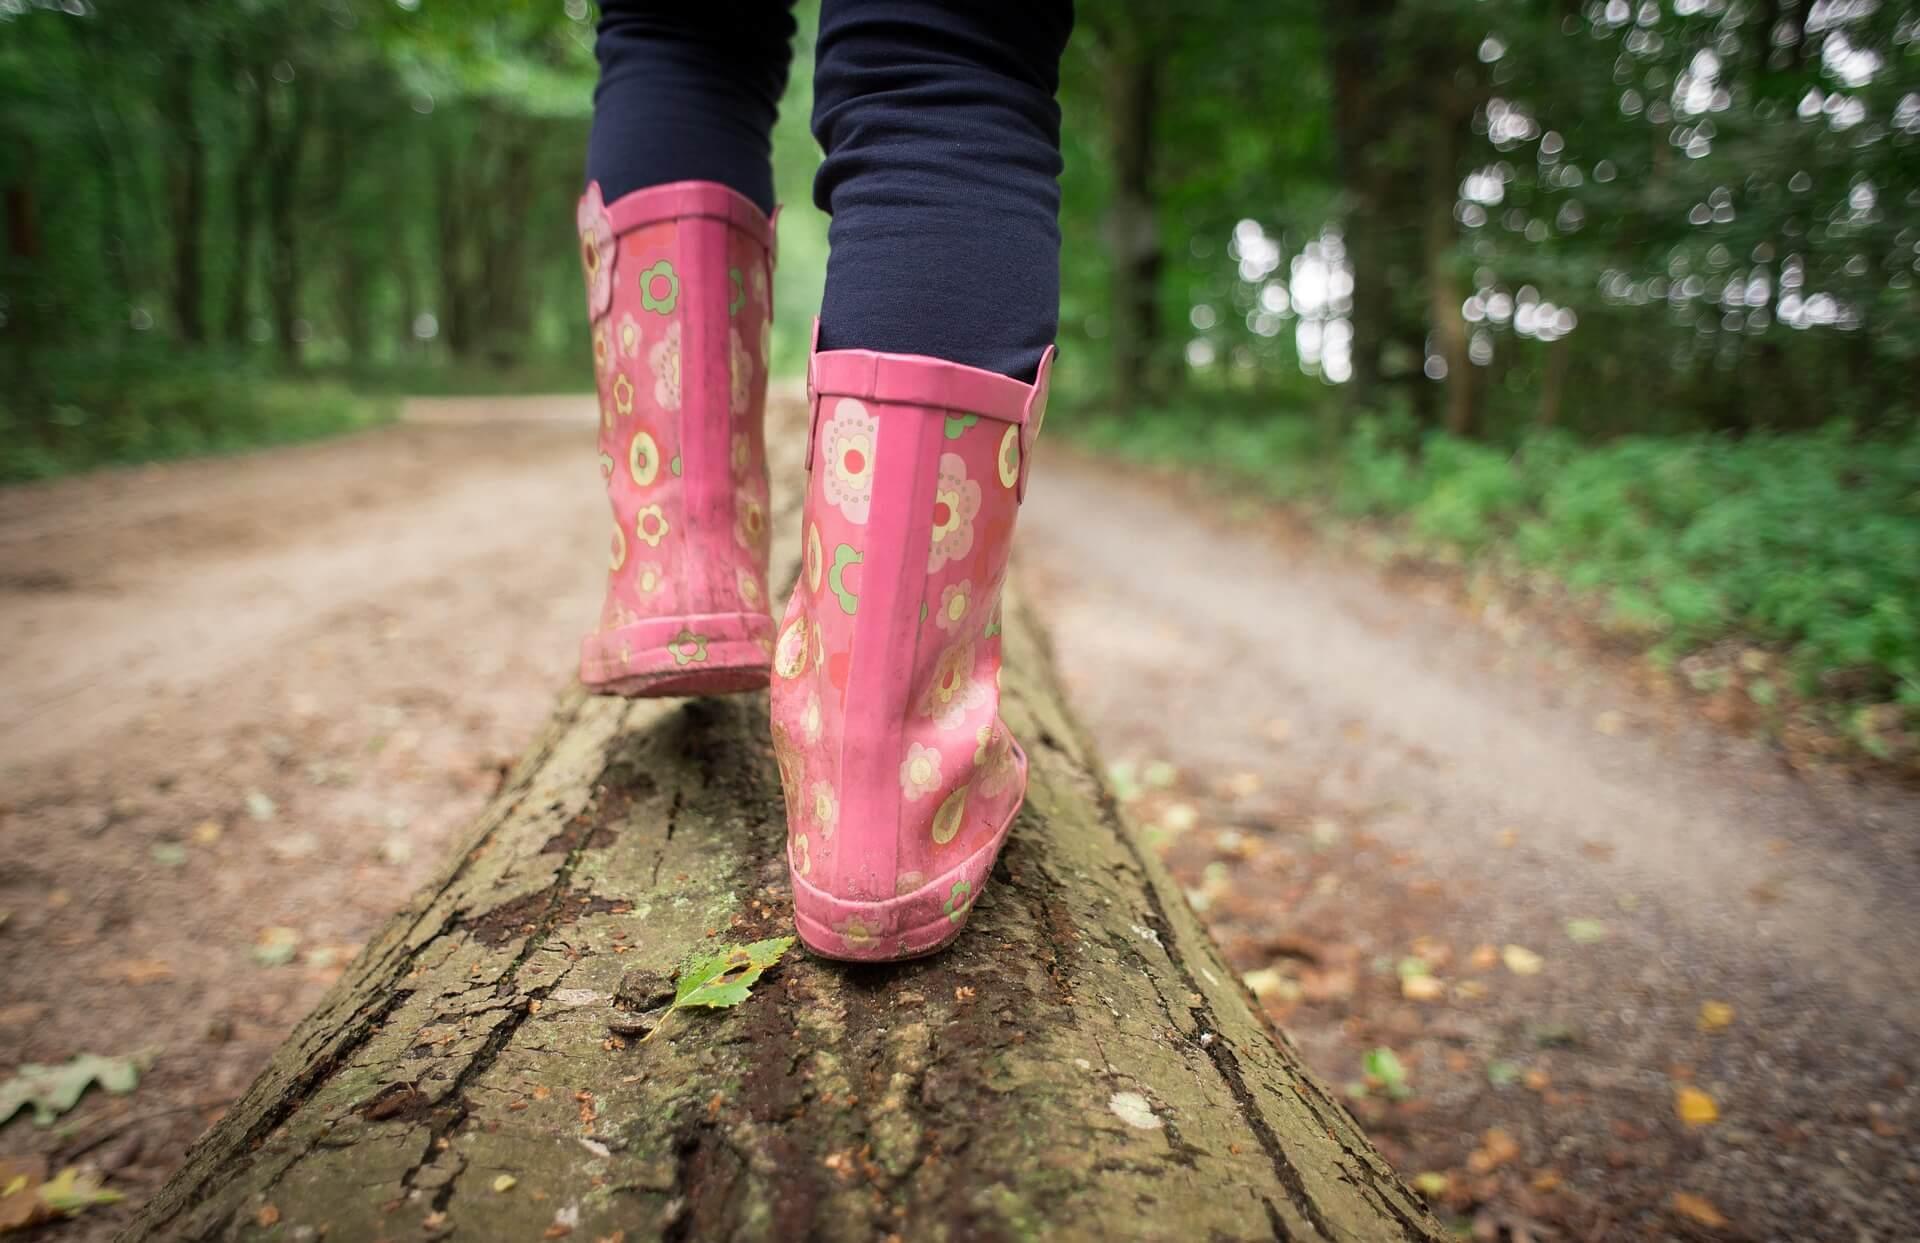 De 3 mooiste wandelingen: De panne, langs de grens en de duinen